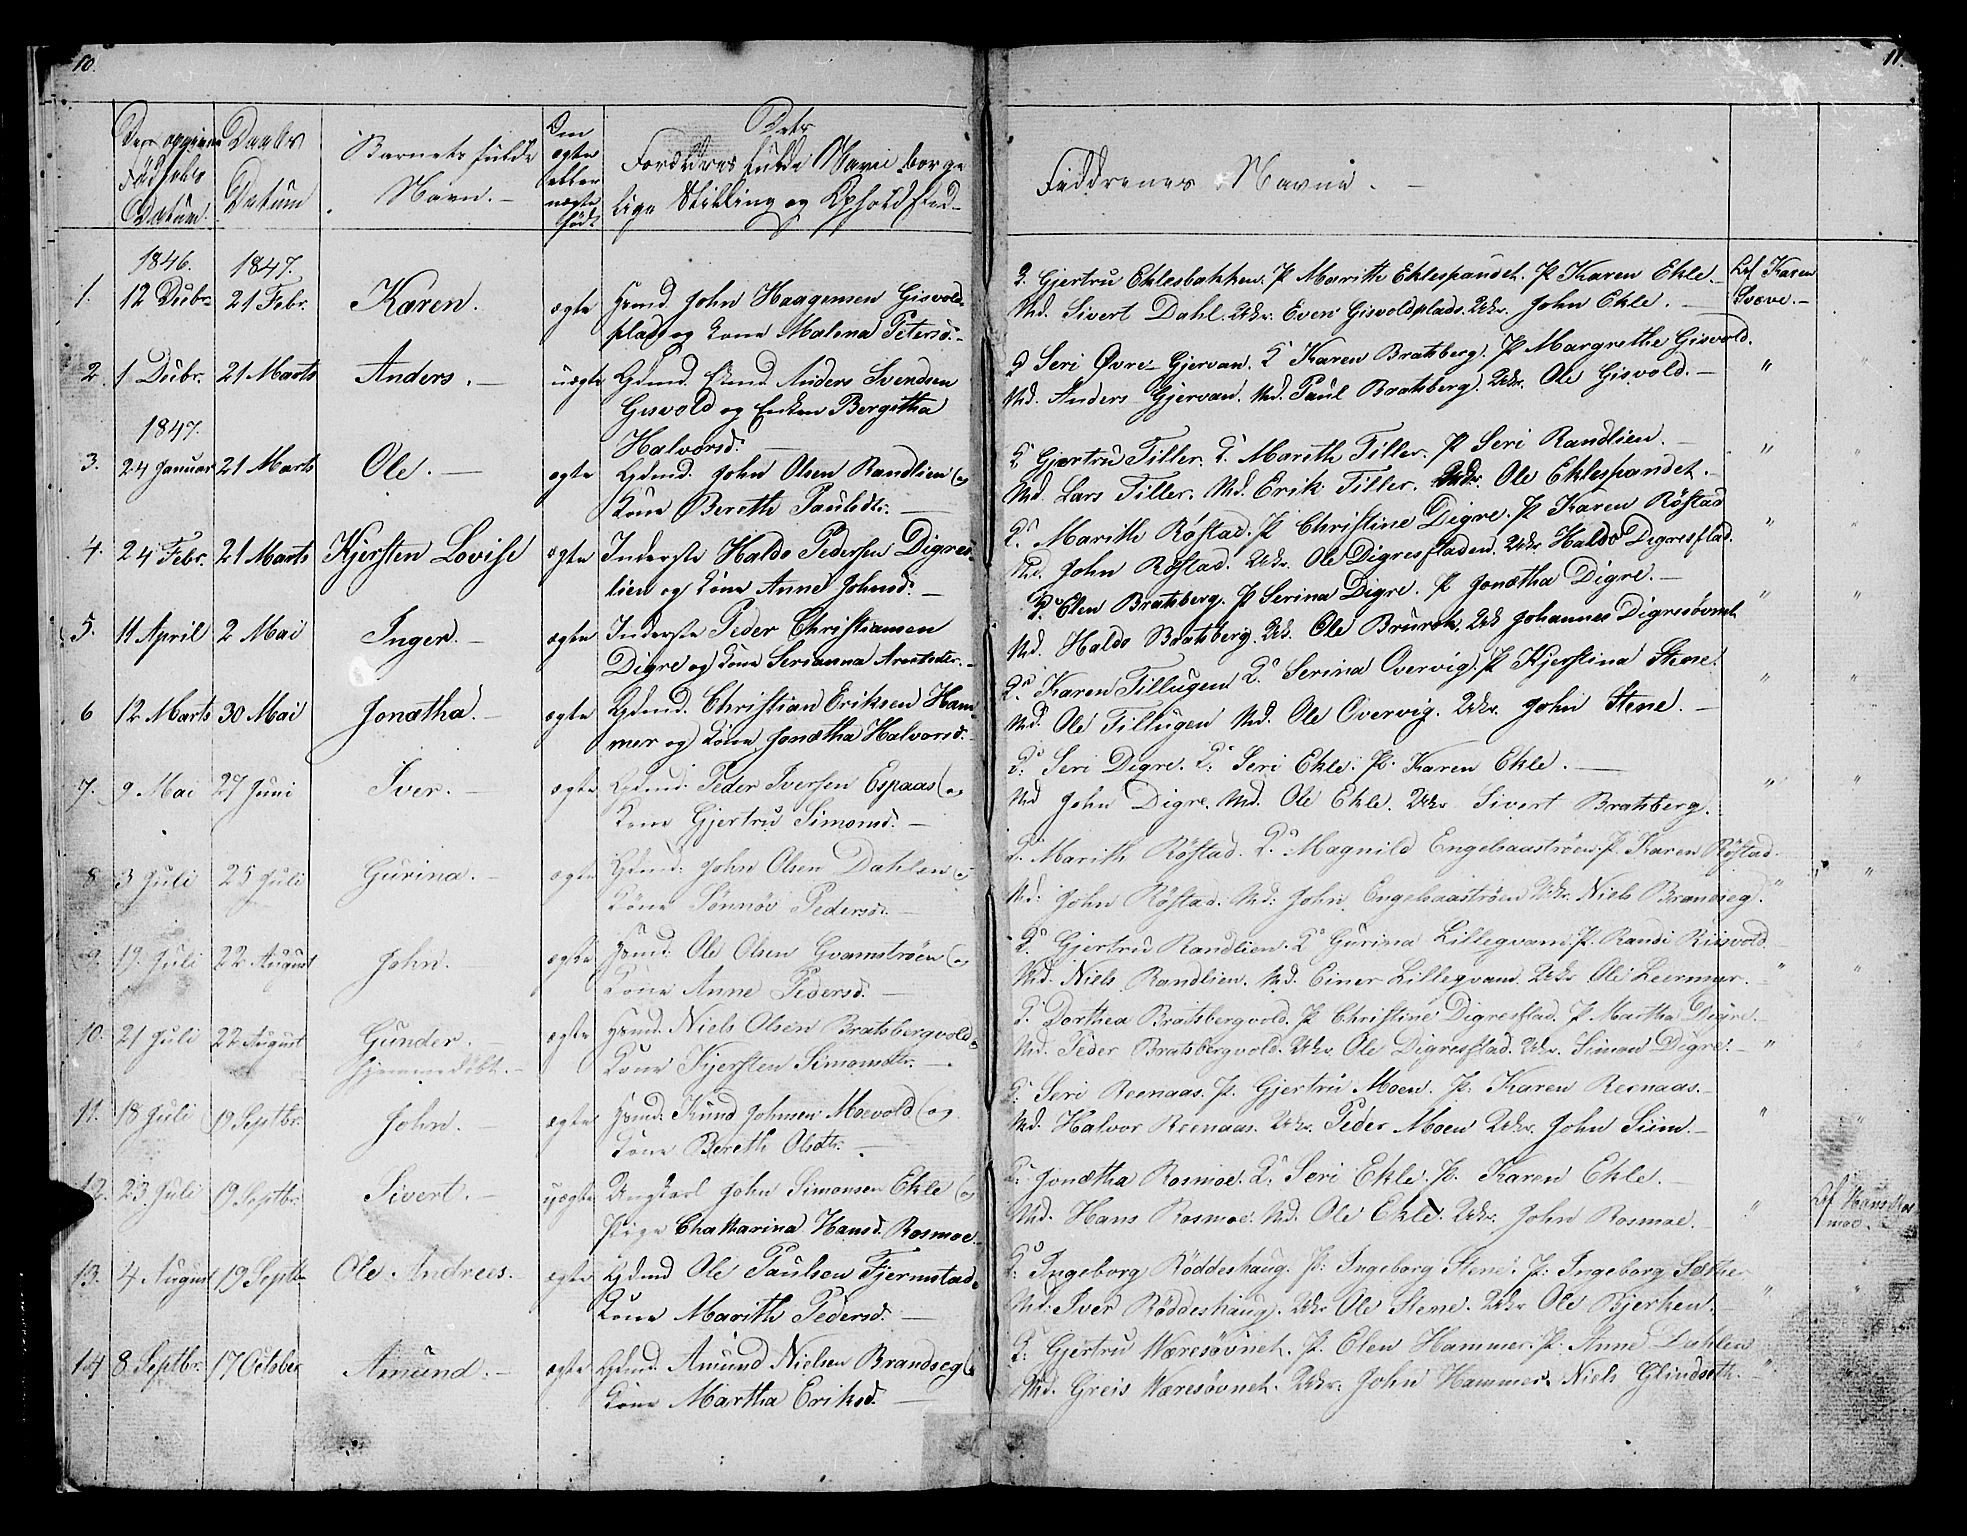 SAT, Ministerialprotokoller, klokkerbøker og fødselsregistre - Sør-Trøndelag, 608/L0339: Klokkerbok nr. 608C05, 1844-1863, s. 10-11